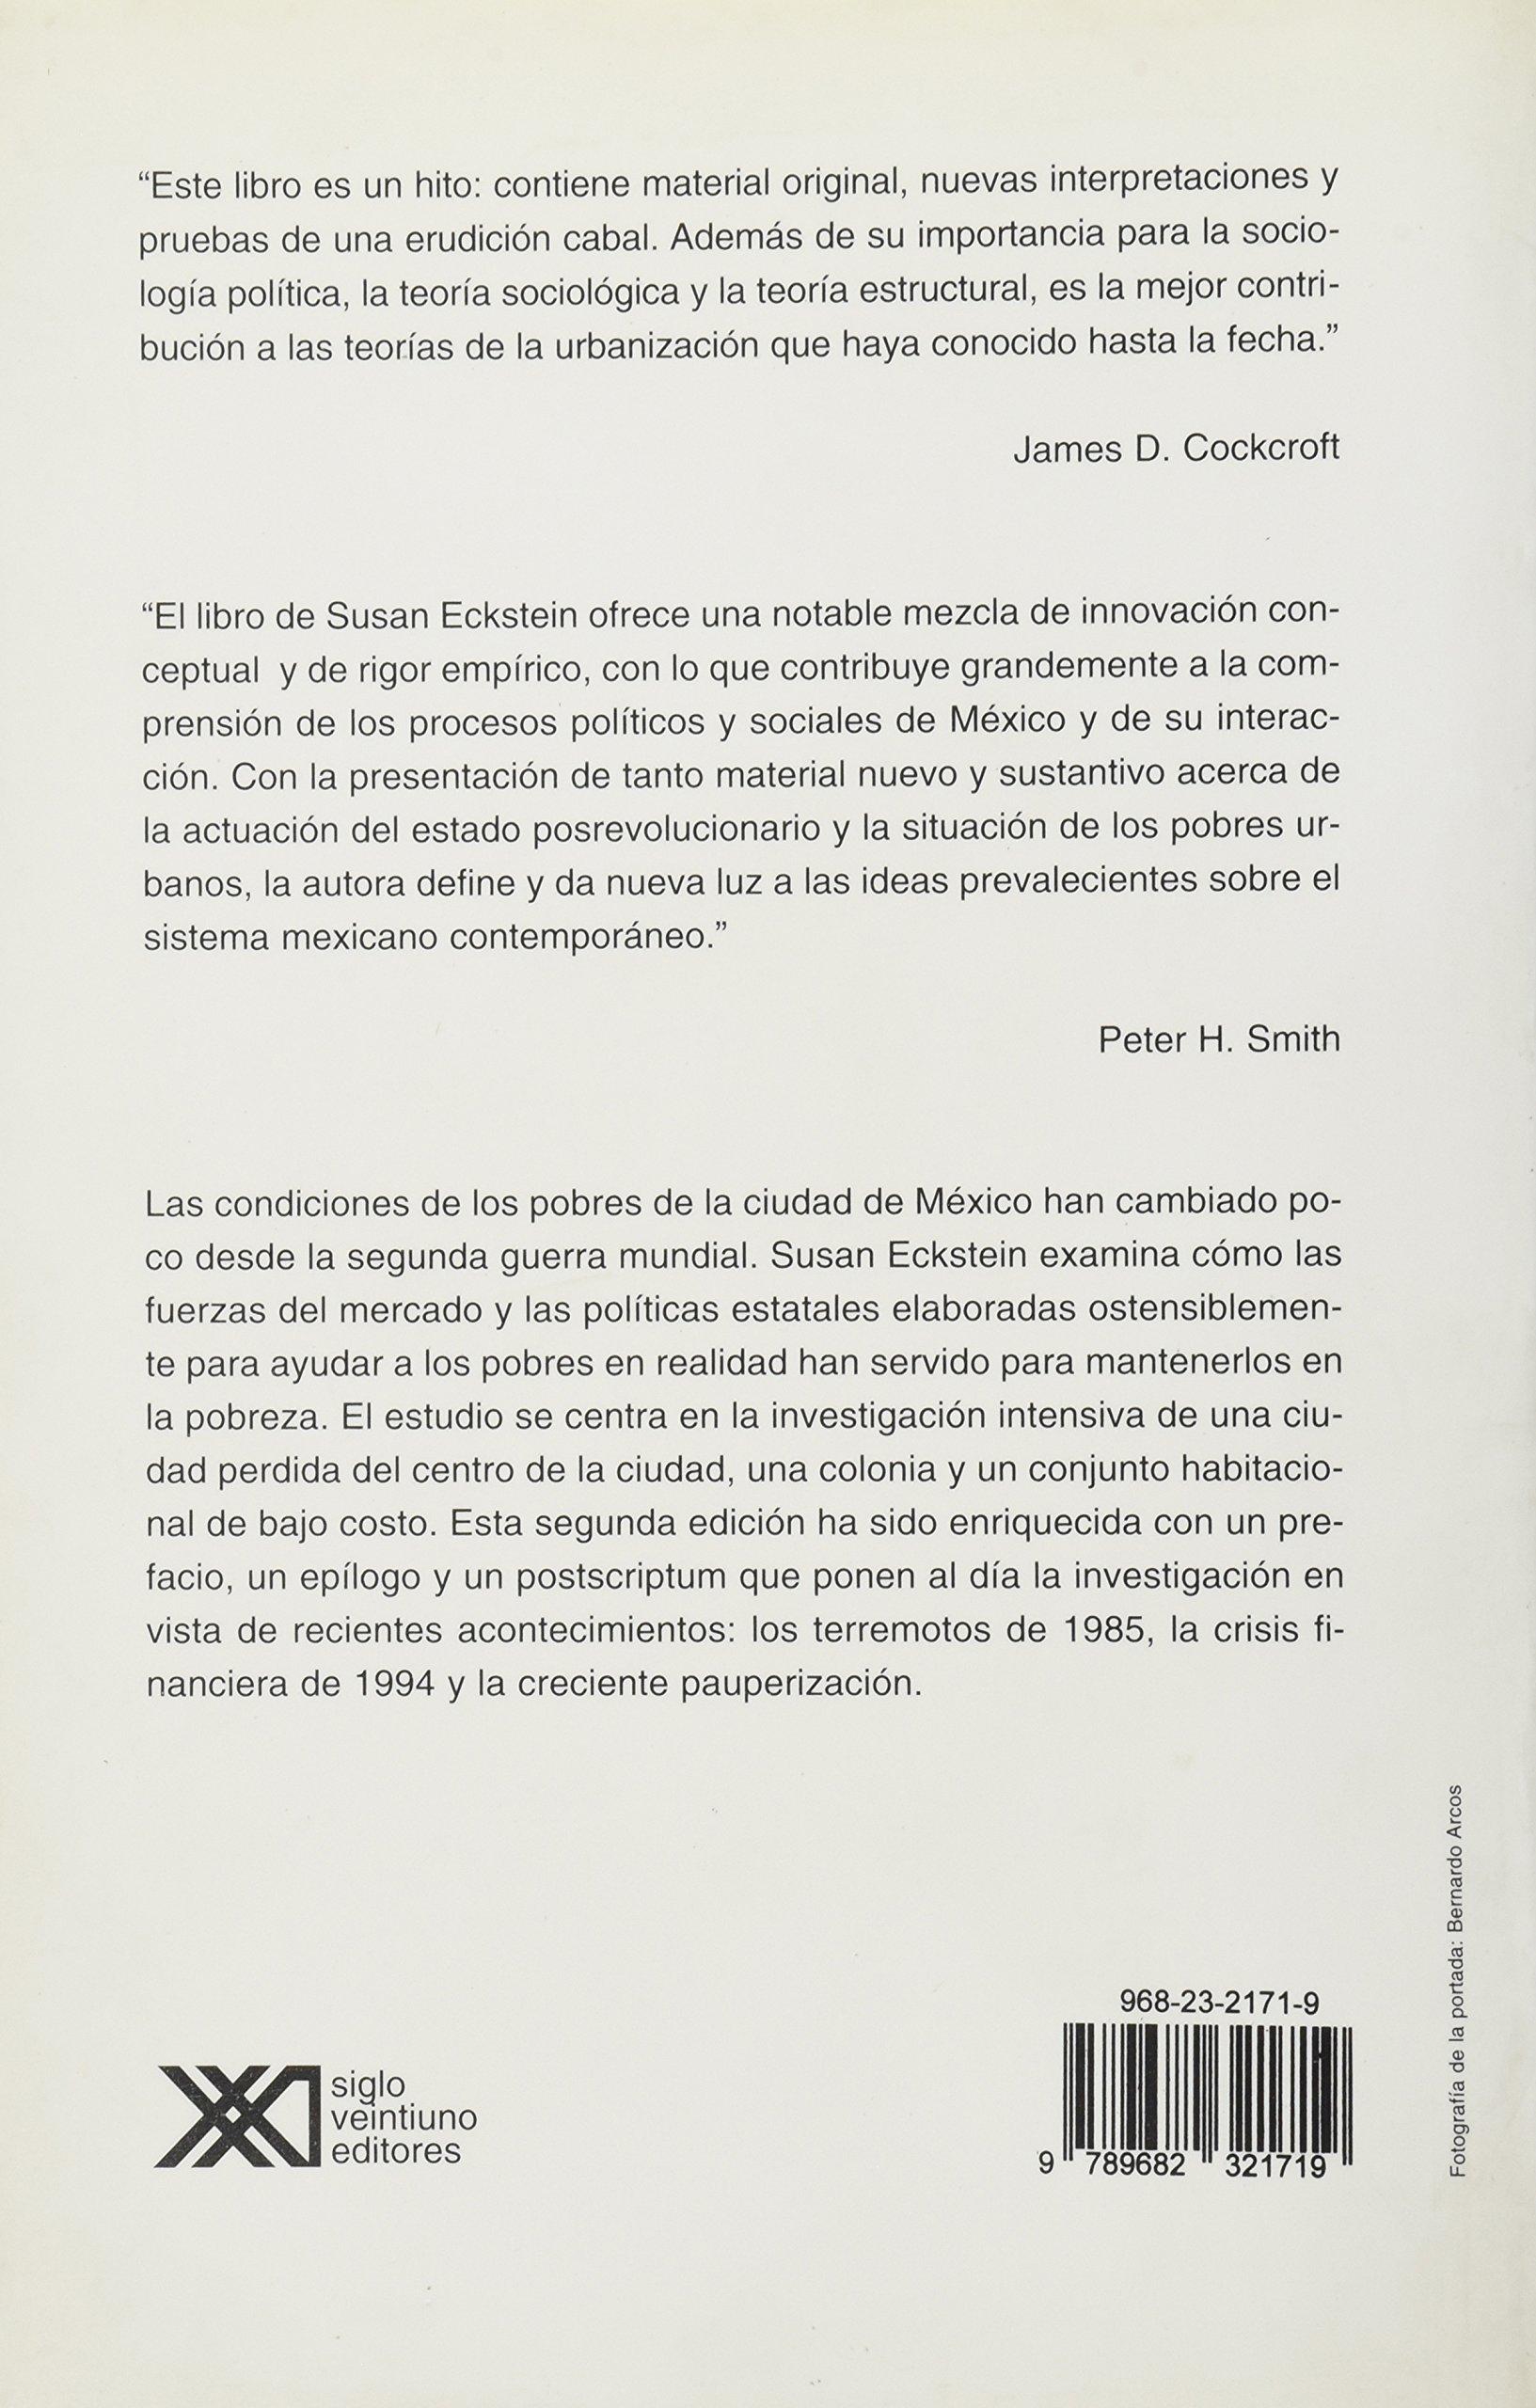 Estado y la pobreza urbana en Mexico (Spanish Edition): Susan Eckstein: 9789682321719: Amazon.com: Books